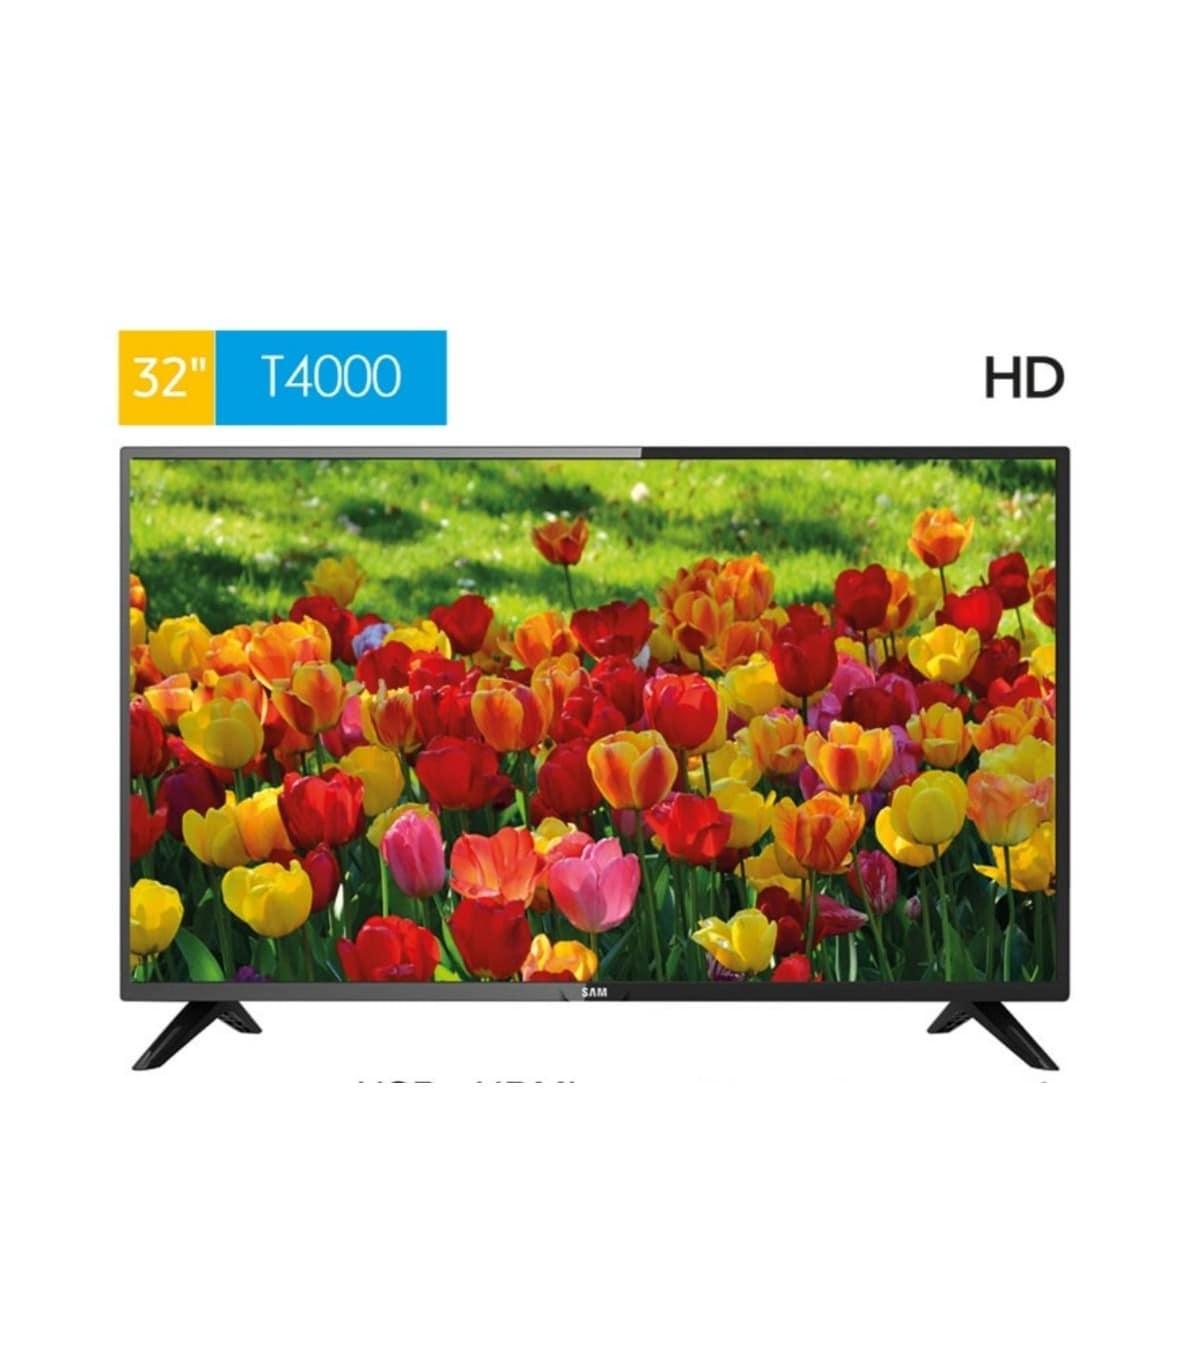 تلویزیون 32 اینچ